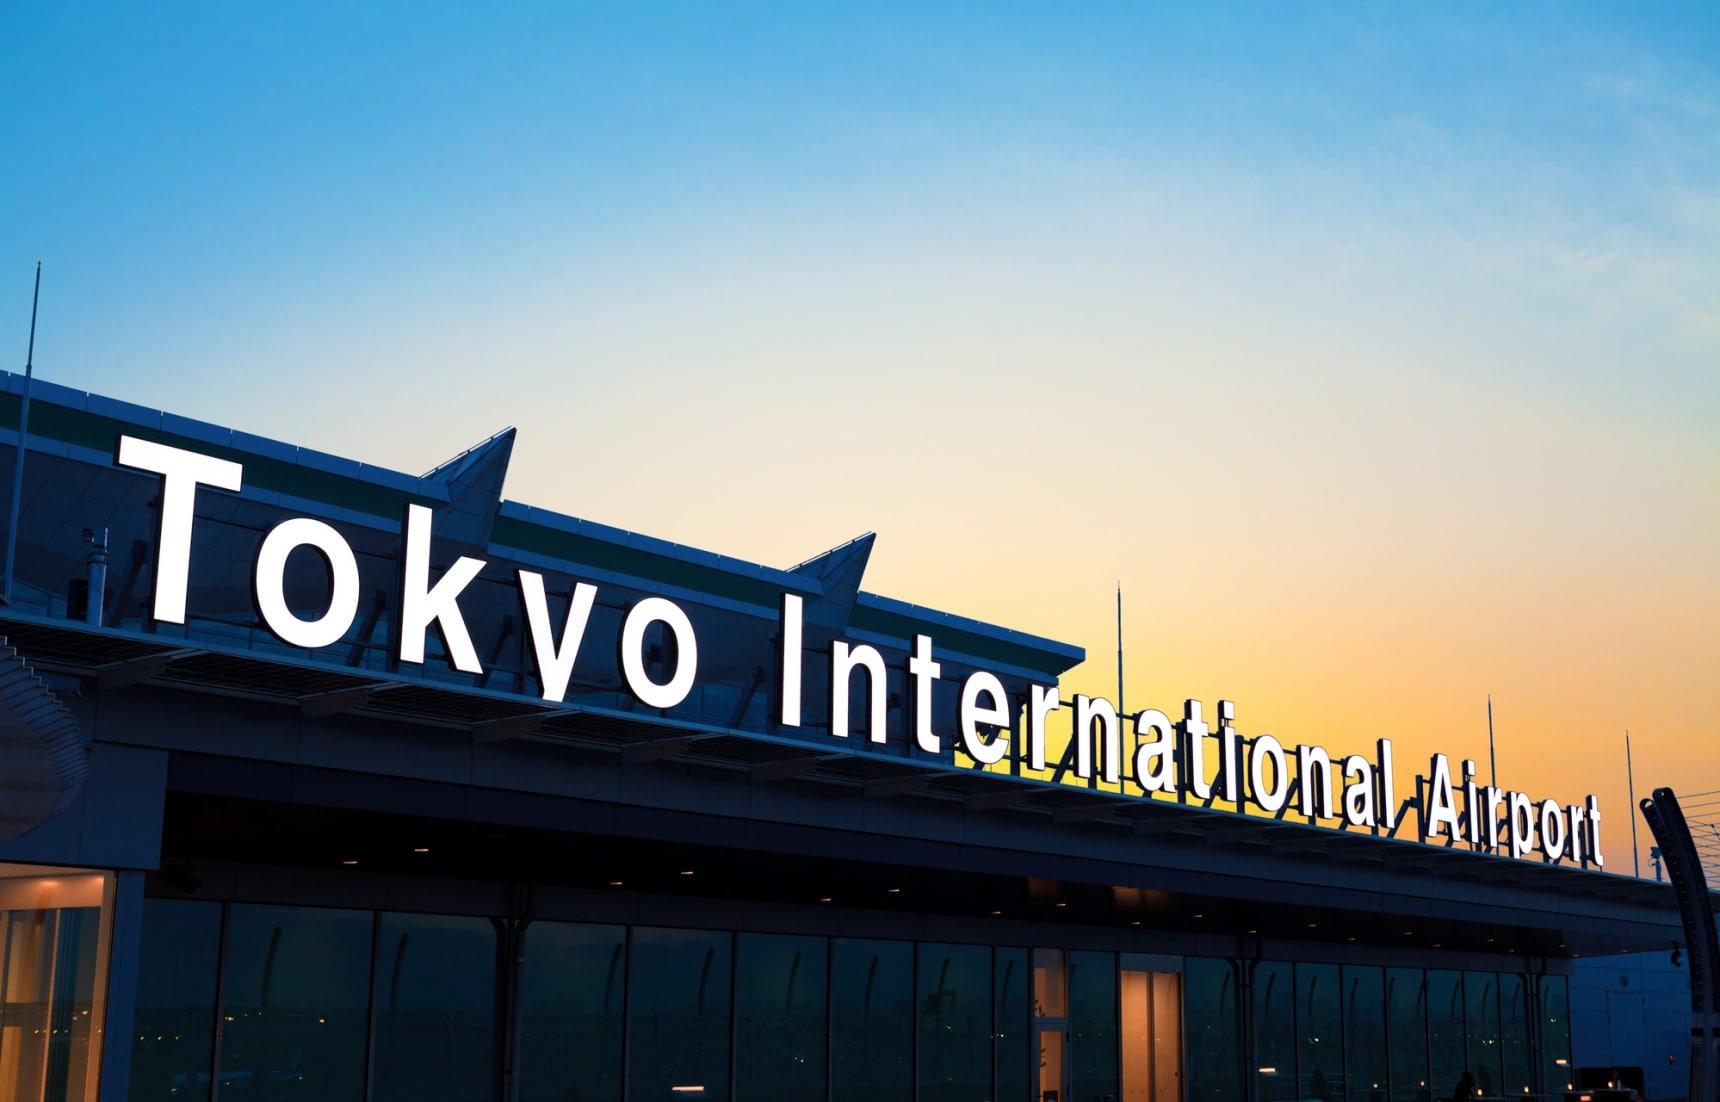 多方案必出最优性价比乘车方案,羽田机场往返东京交通攻略一点通